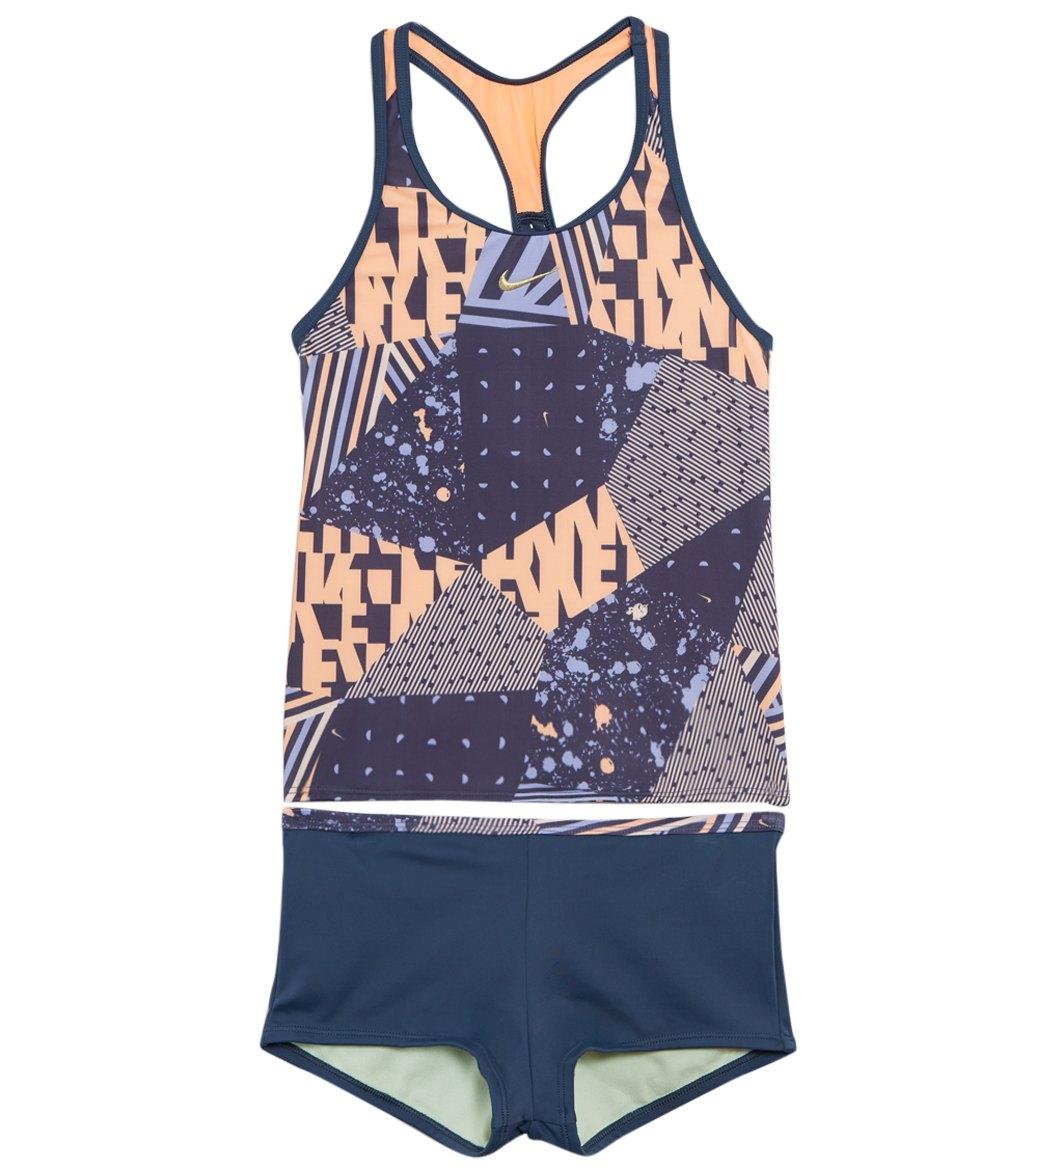 e089de48c68 Nike Girls' Mash Up Racerback Tankini Set (Big Kid)